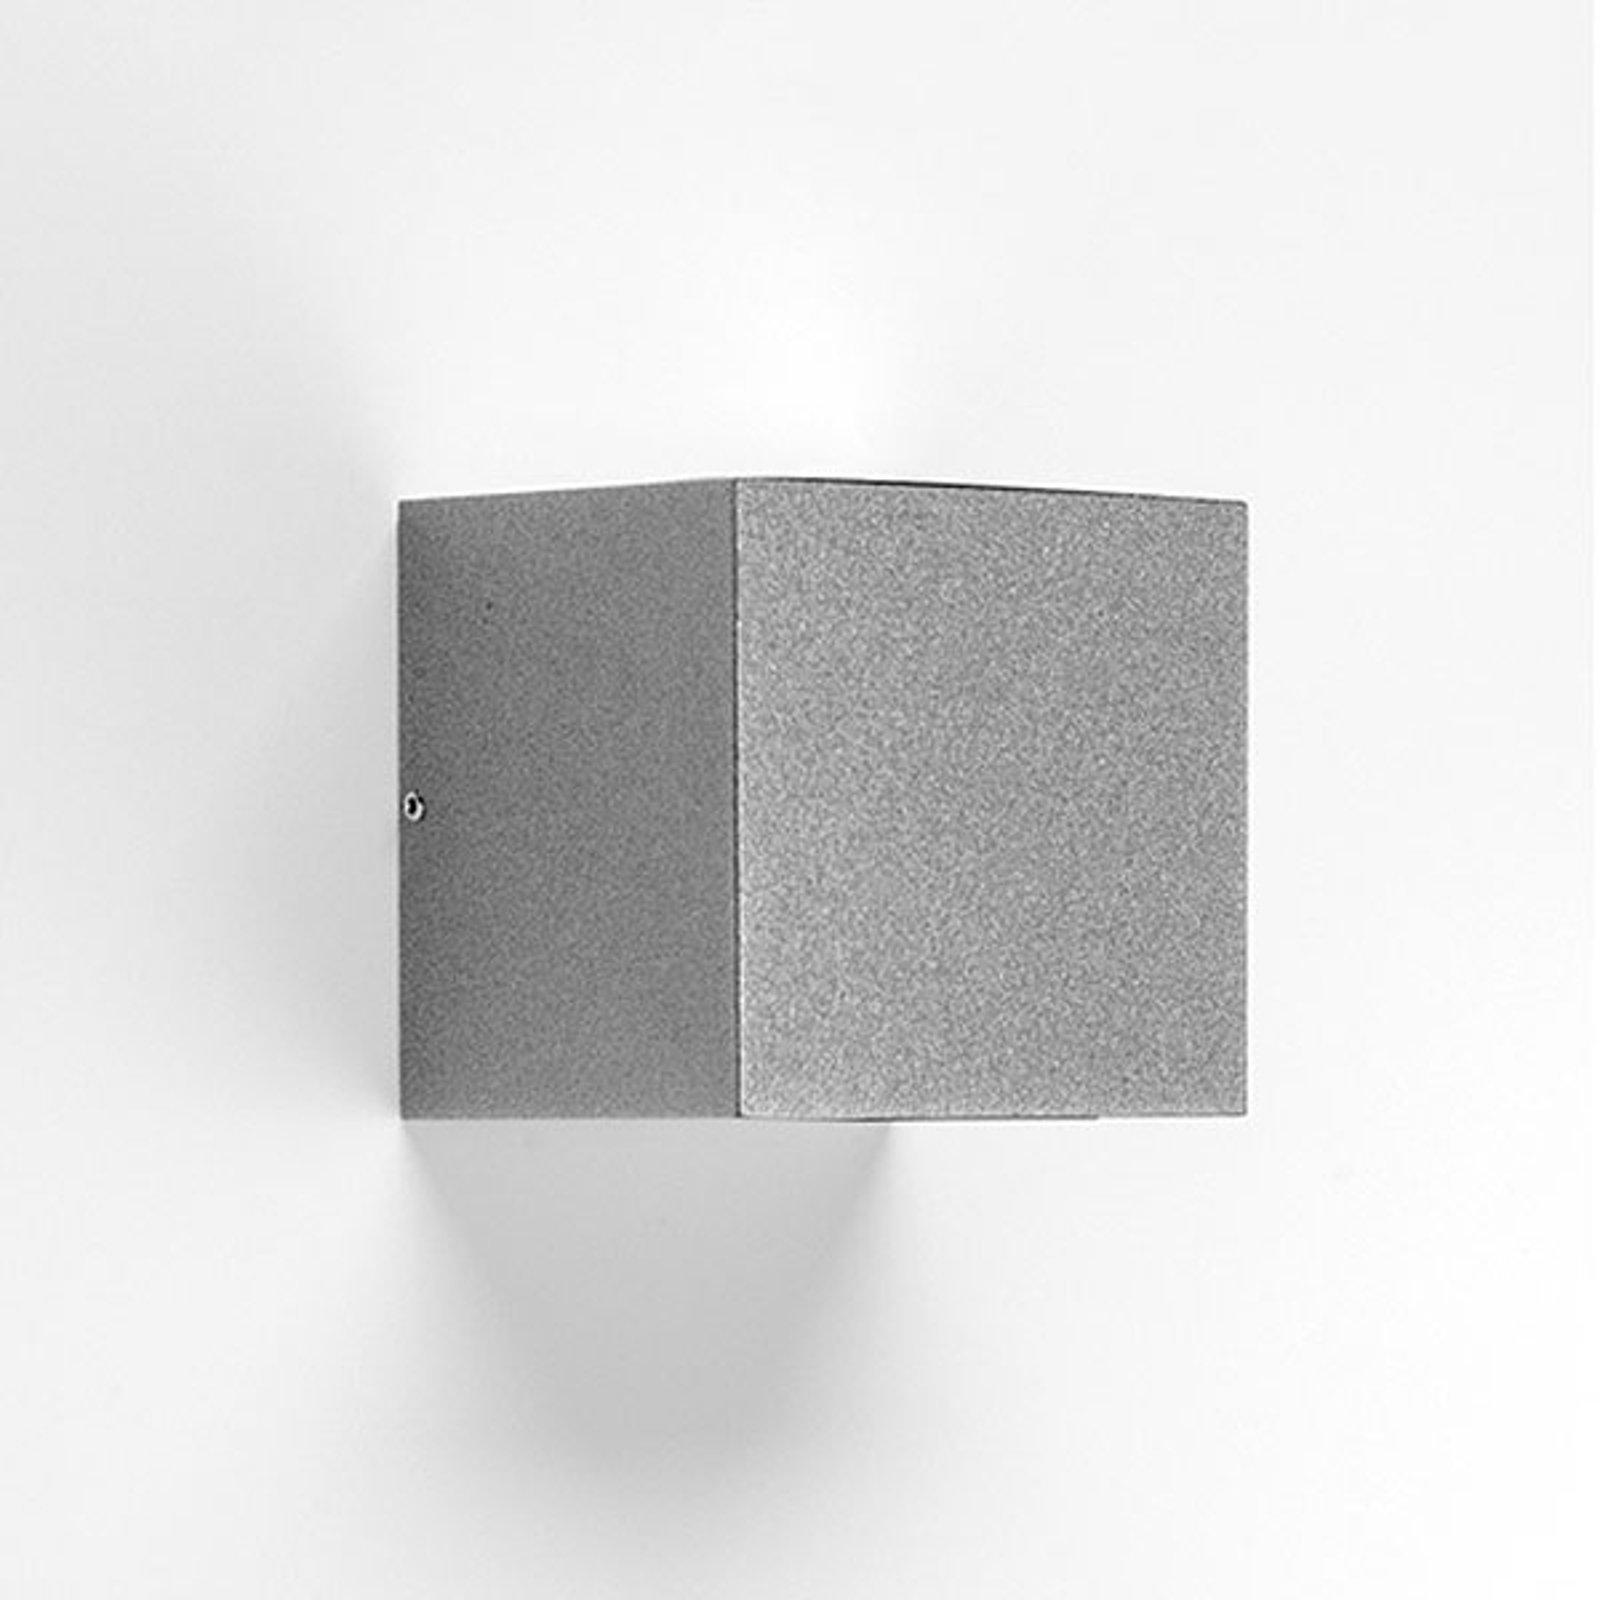 LED-vegglampe 303355 i grå, 1WB 4 000 K